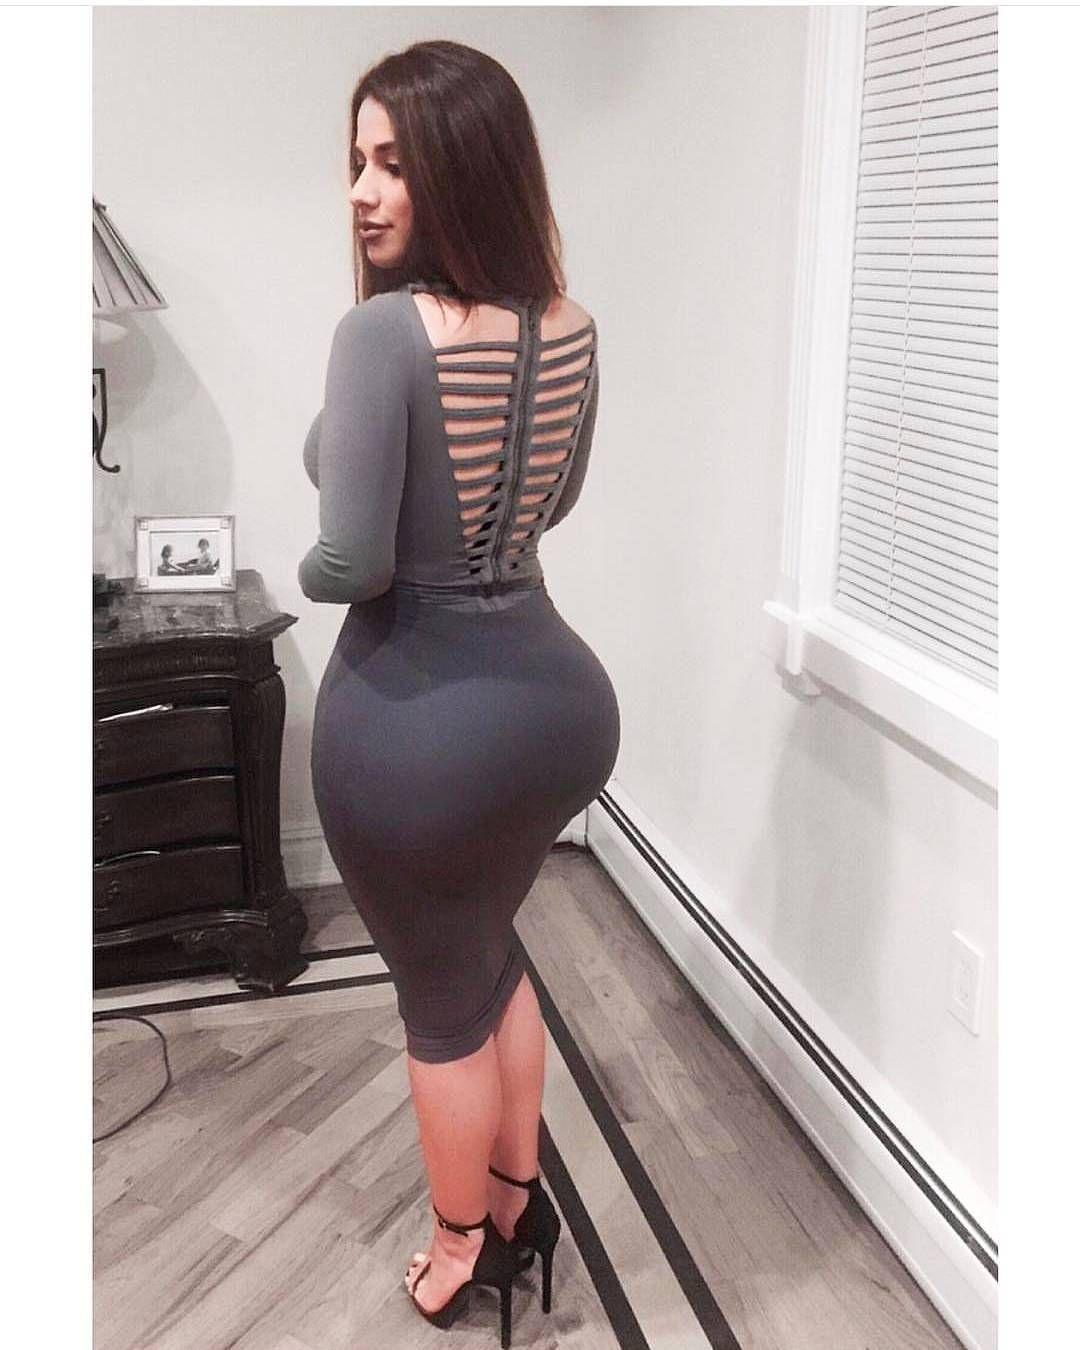 Большие жопы и бедра у женщин в обтягивающей одежде фото